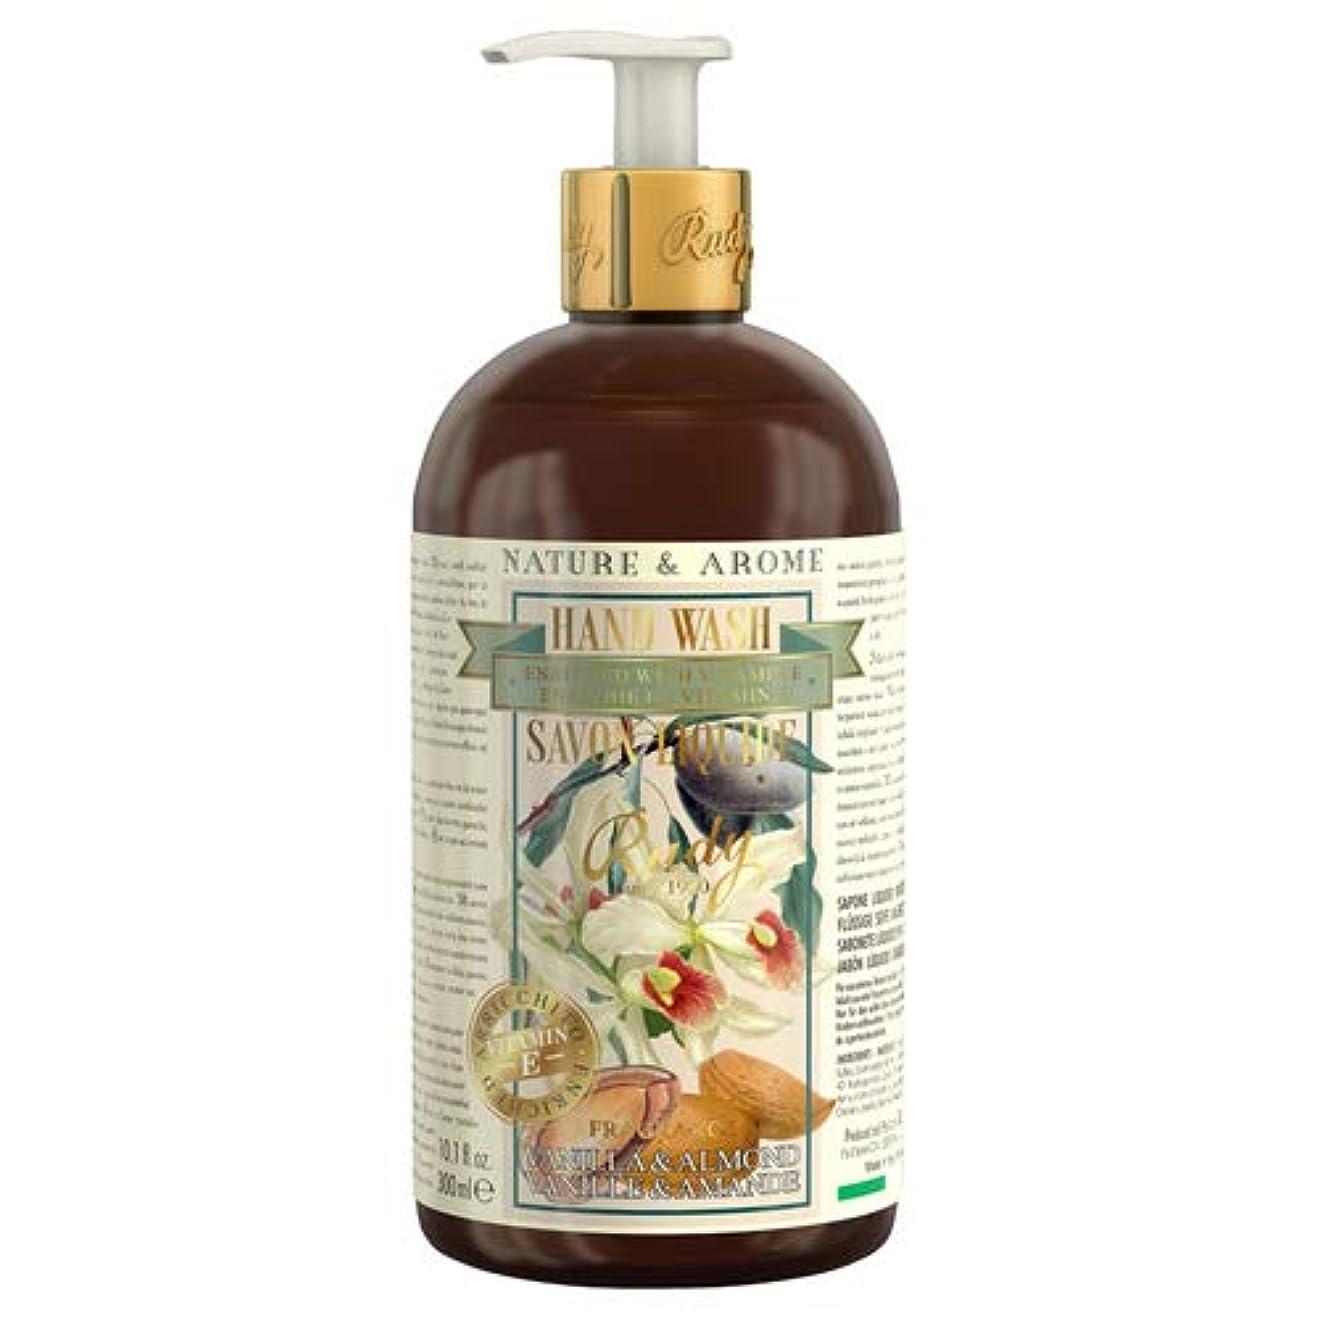 移行するプロポーショナル作動するRUDY Nature&Arome Apothecary ネイチャーアロマ アポセカリー Hand Wash ハンドウォッシュ(ボディソープ) Vanilla & Almond バニラ&アーモンド